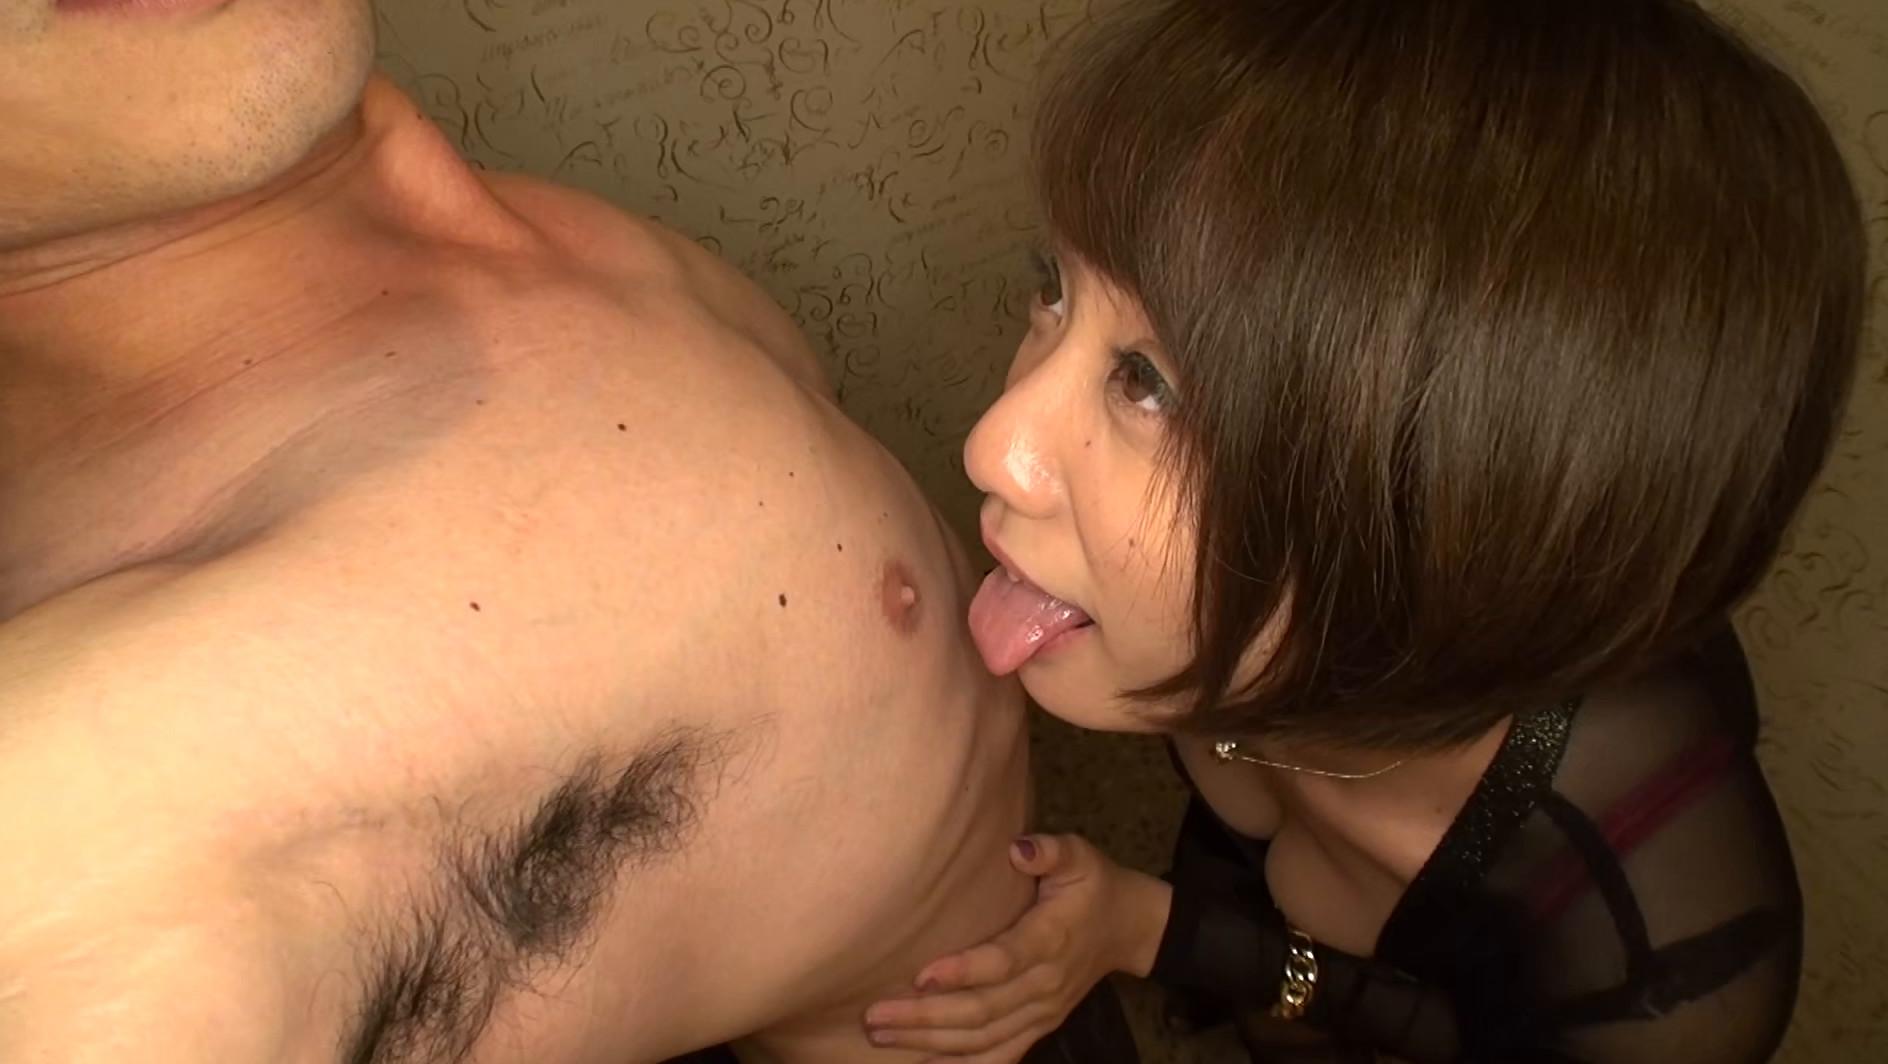 乳首でイケるほどチクビが敏感な私だからこそチクニーするほど乳首イジられ好きなM男をゆっくりじっくり愉しませてあげられる 梨々花 画像2